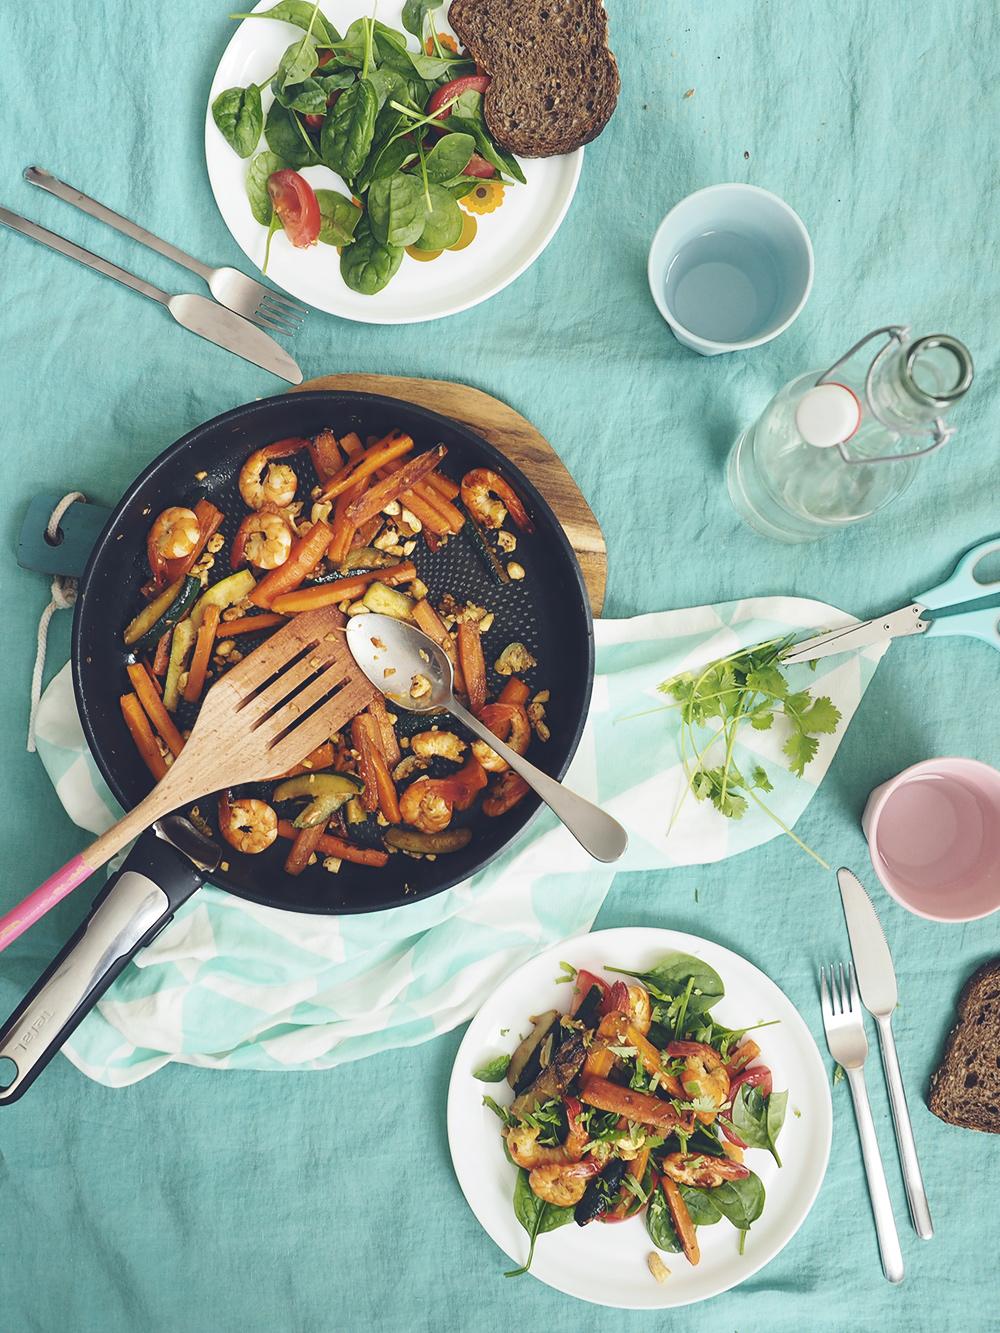 quitoque-recette-crevettes_02